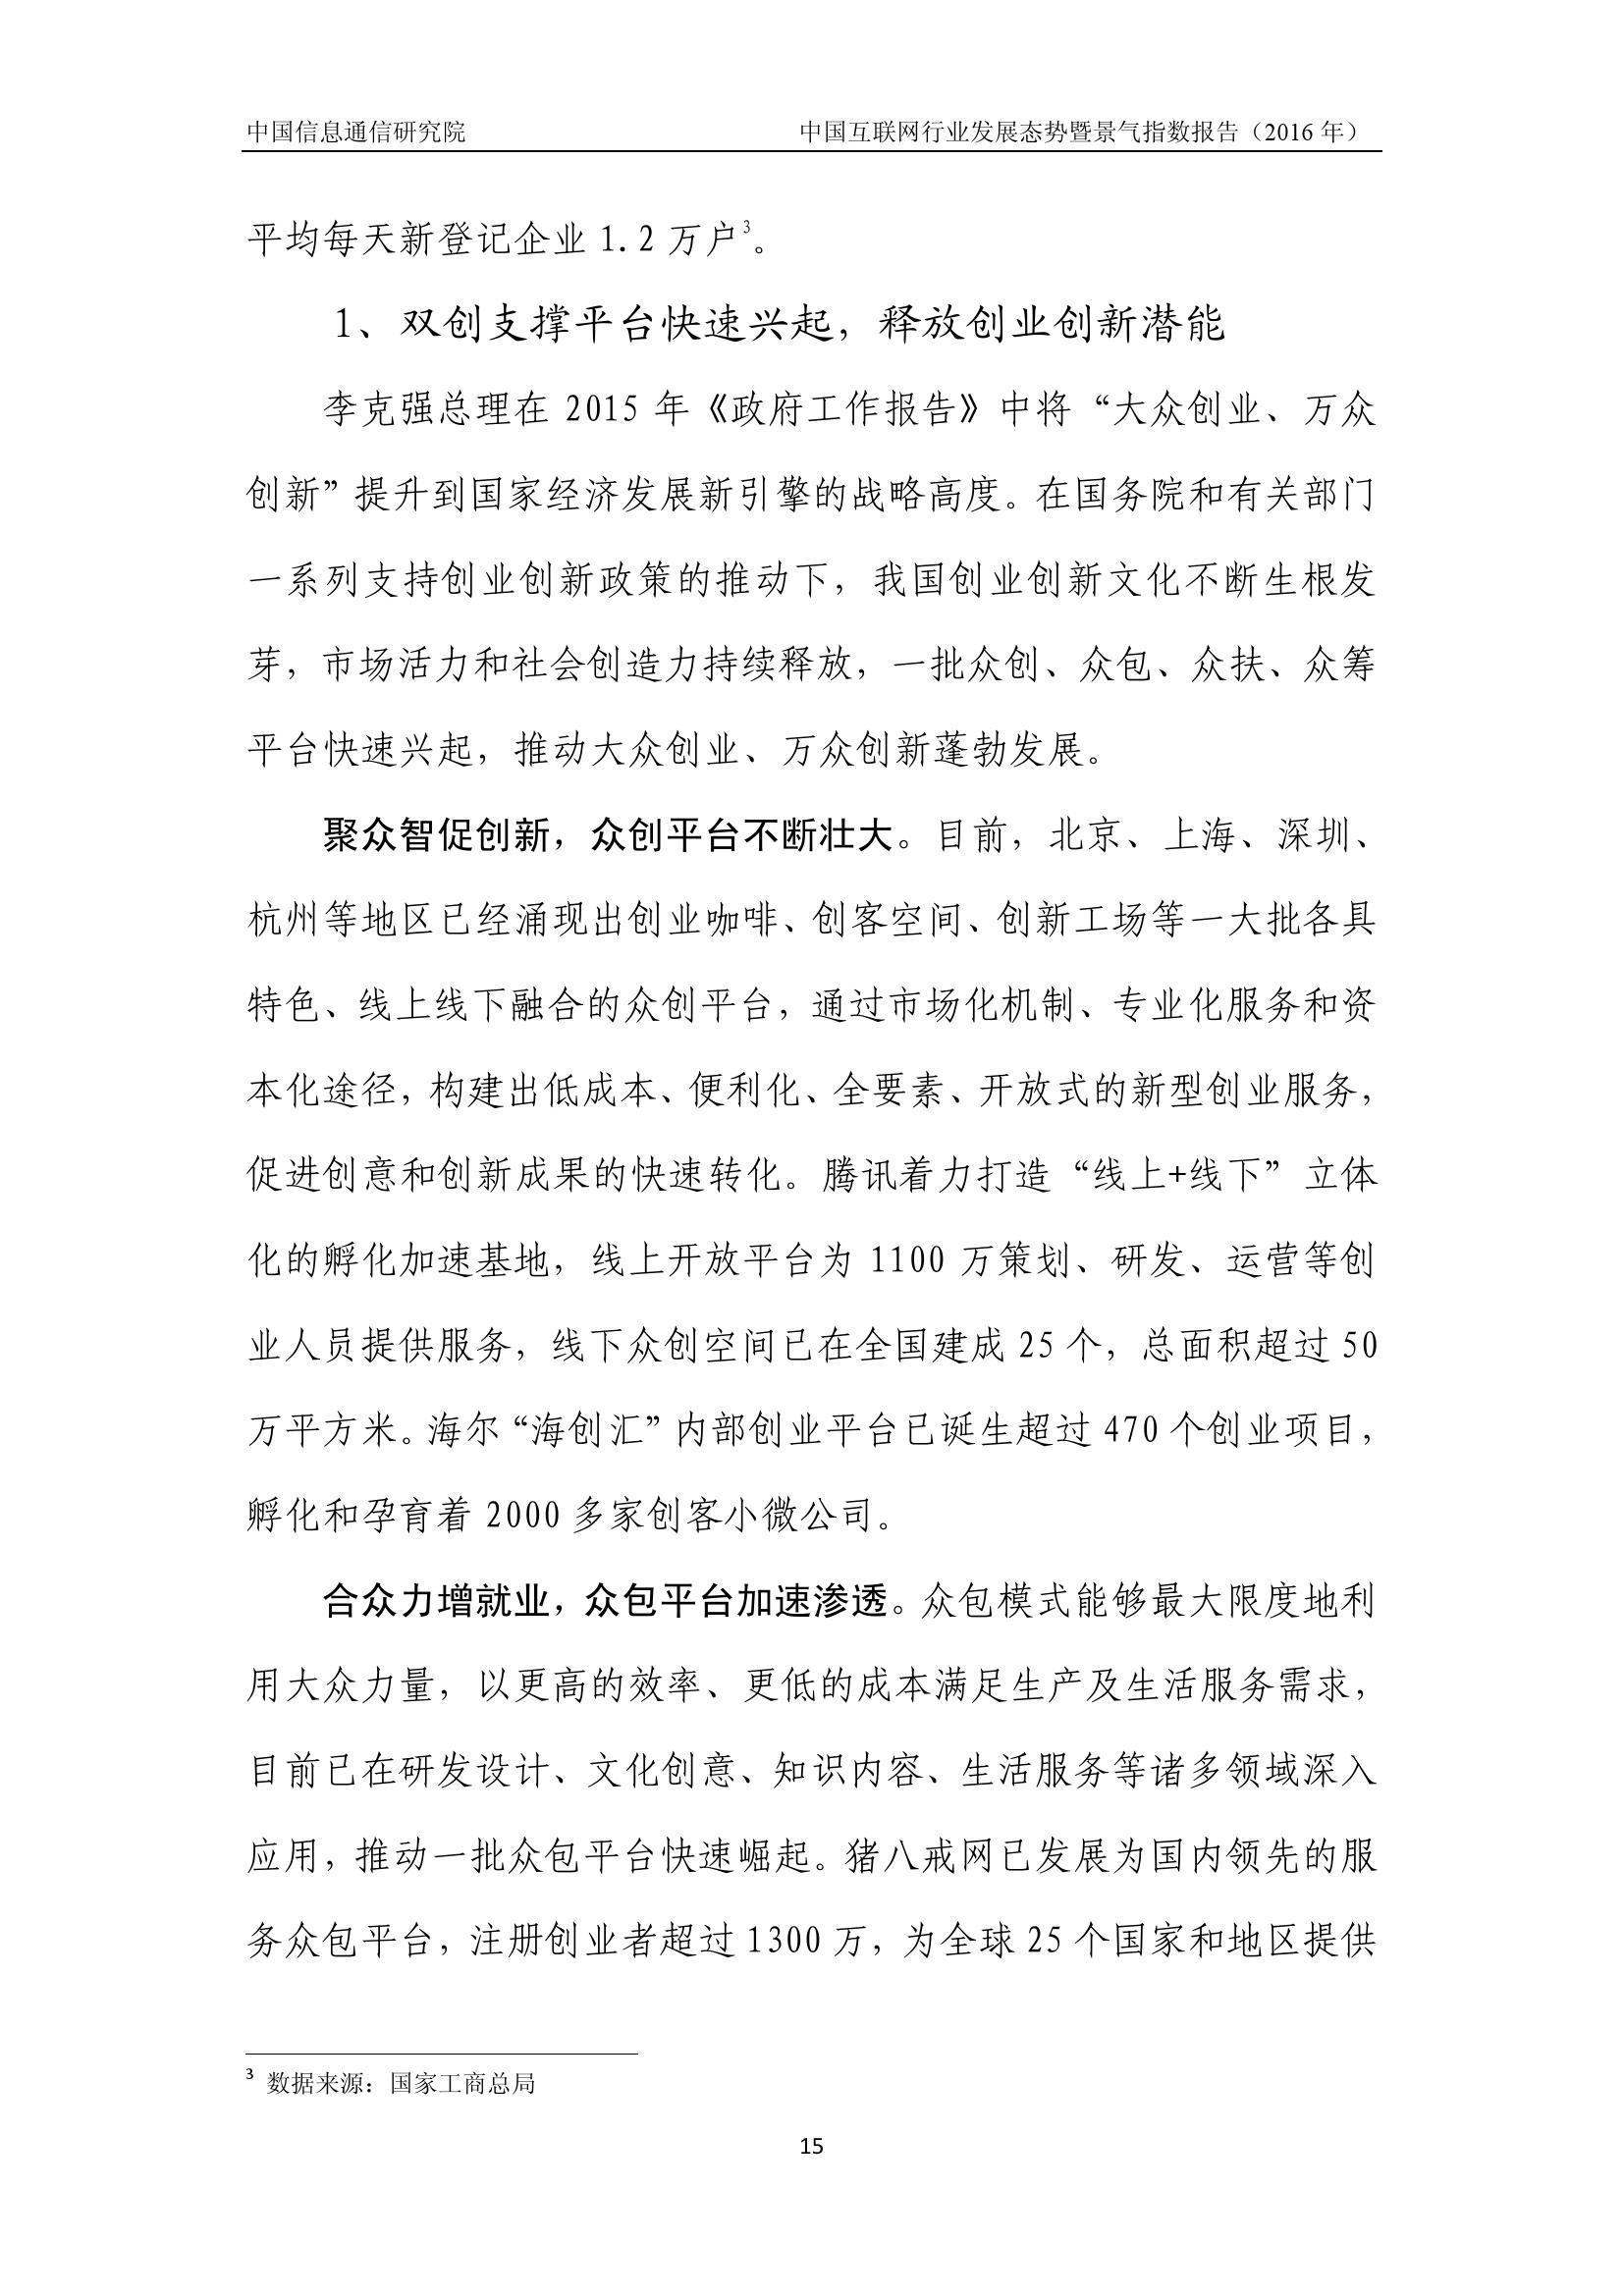 2016年中国互联网行业发展态势暨景气指数报告_000019